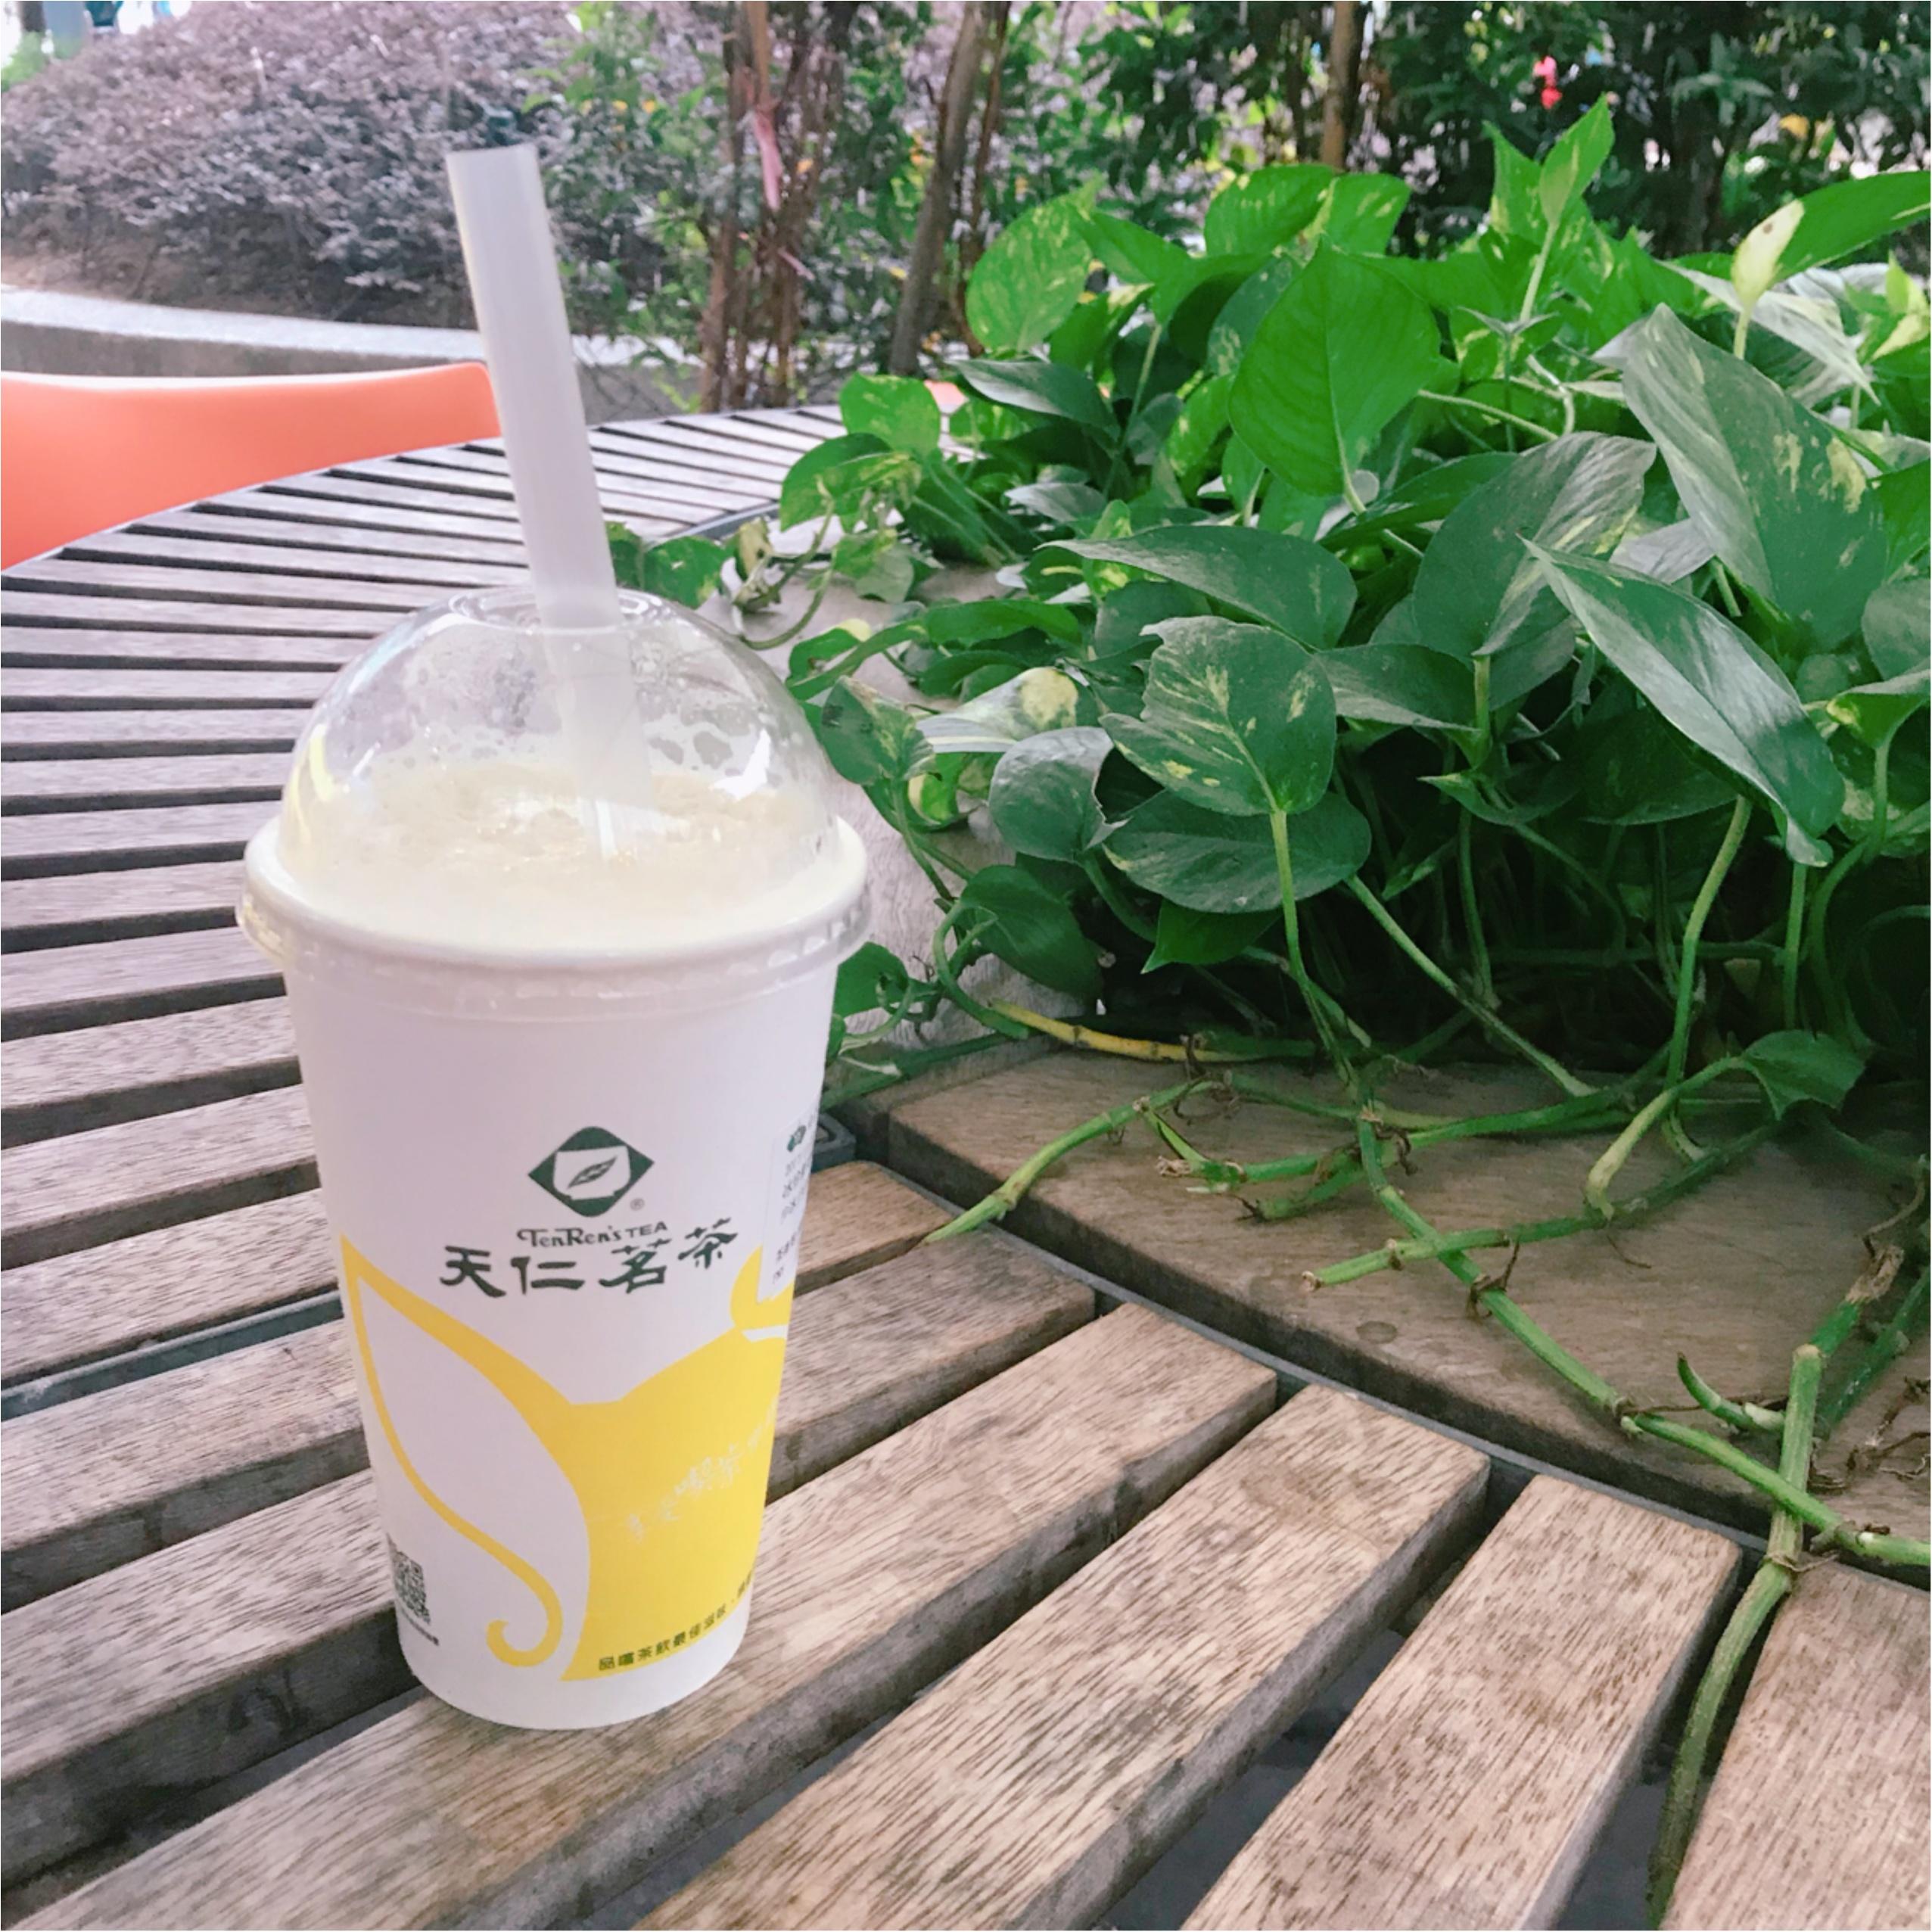 台湾のおしゃれなカフェ&食べ物特集 - 人気のタピオカや小籠包も! 台湾女子旅におすすめのグルメ情報まとめ_42